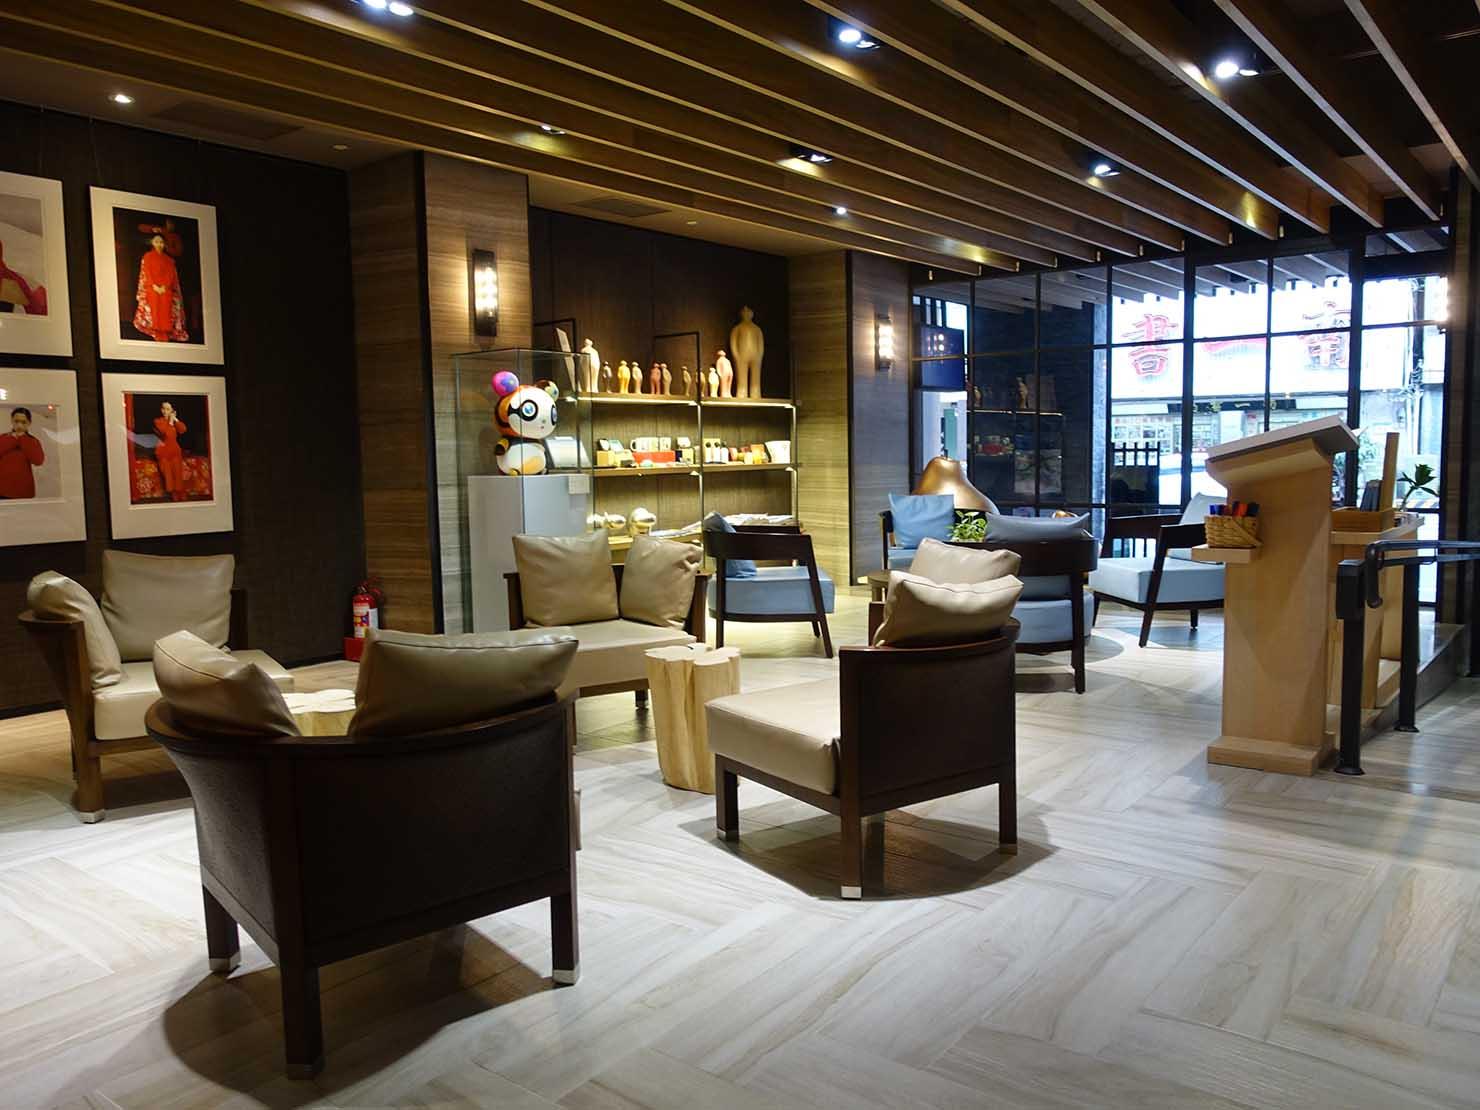 台南市内観光におすすめのホテル「長悅旅棧」のロビー